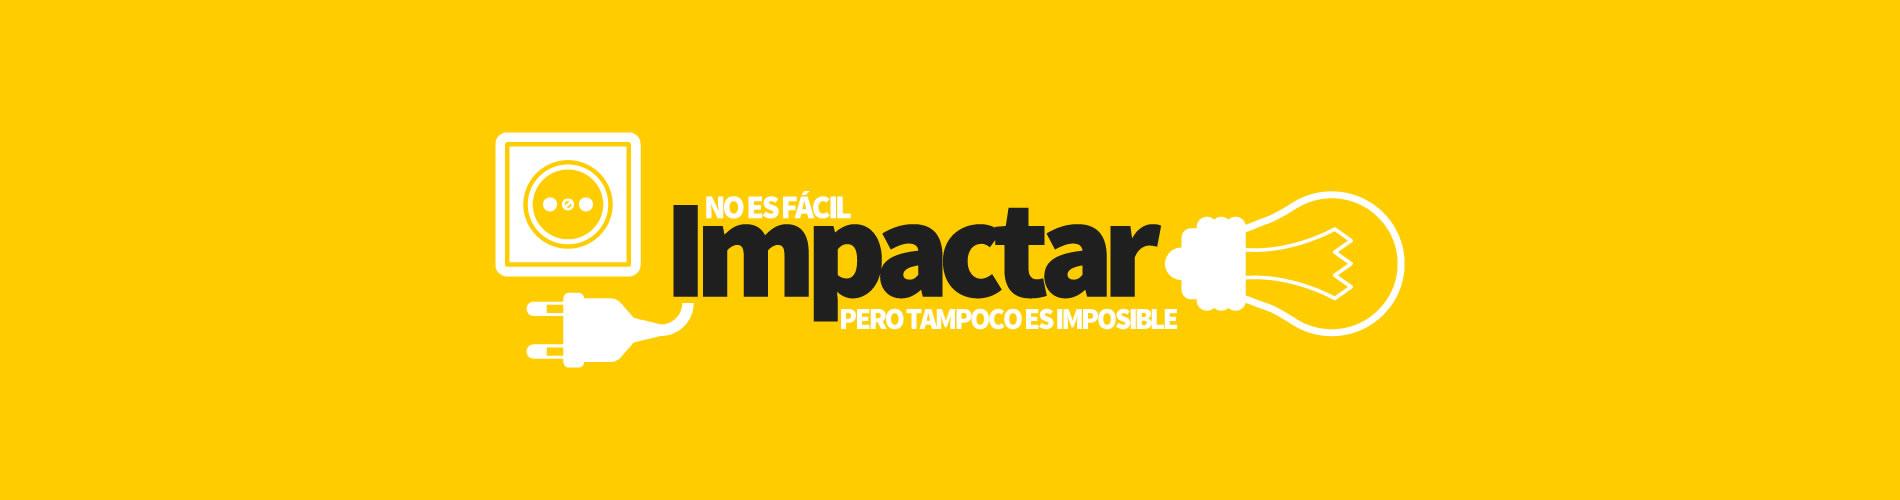 agencia de publicidad en Granada. Trabajamos para empresas de toda España